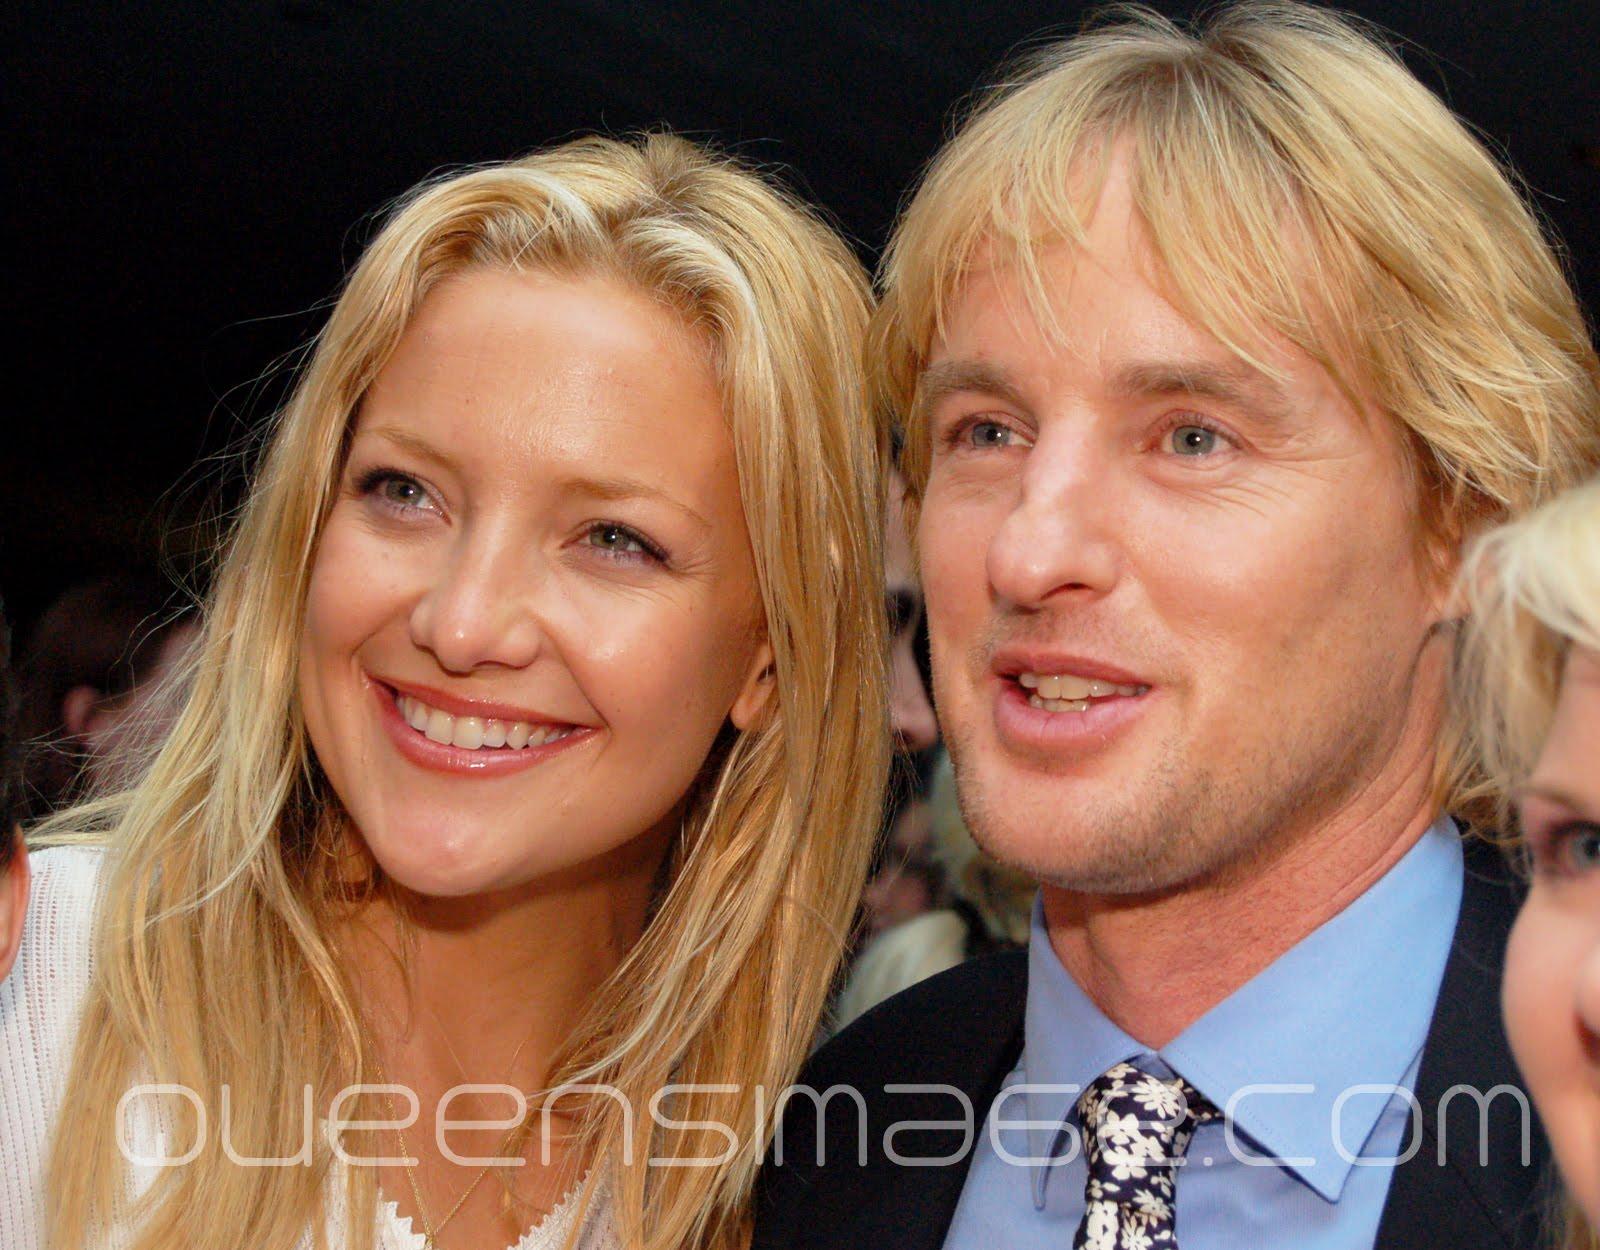 http://3.bp.blogspot.com/_hrutdrKDHtw/TAxs0fBb8XI/AAAAAAAAAWw/K0p2MHZDIPA/s1600/Kate+Hudson,+Owen+WilsonWM.jpg